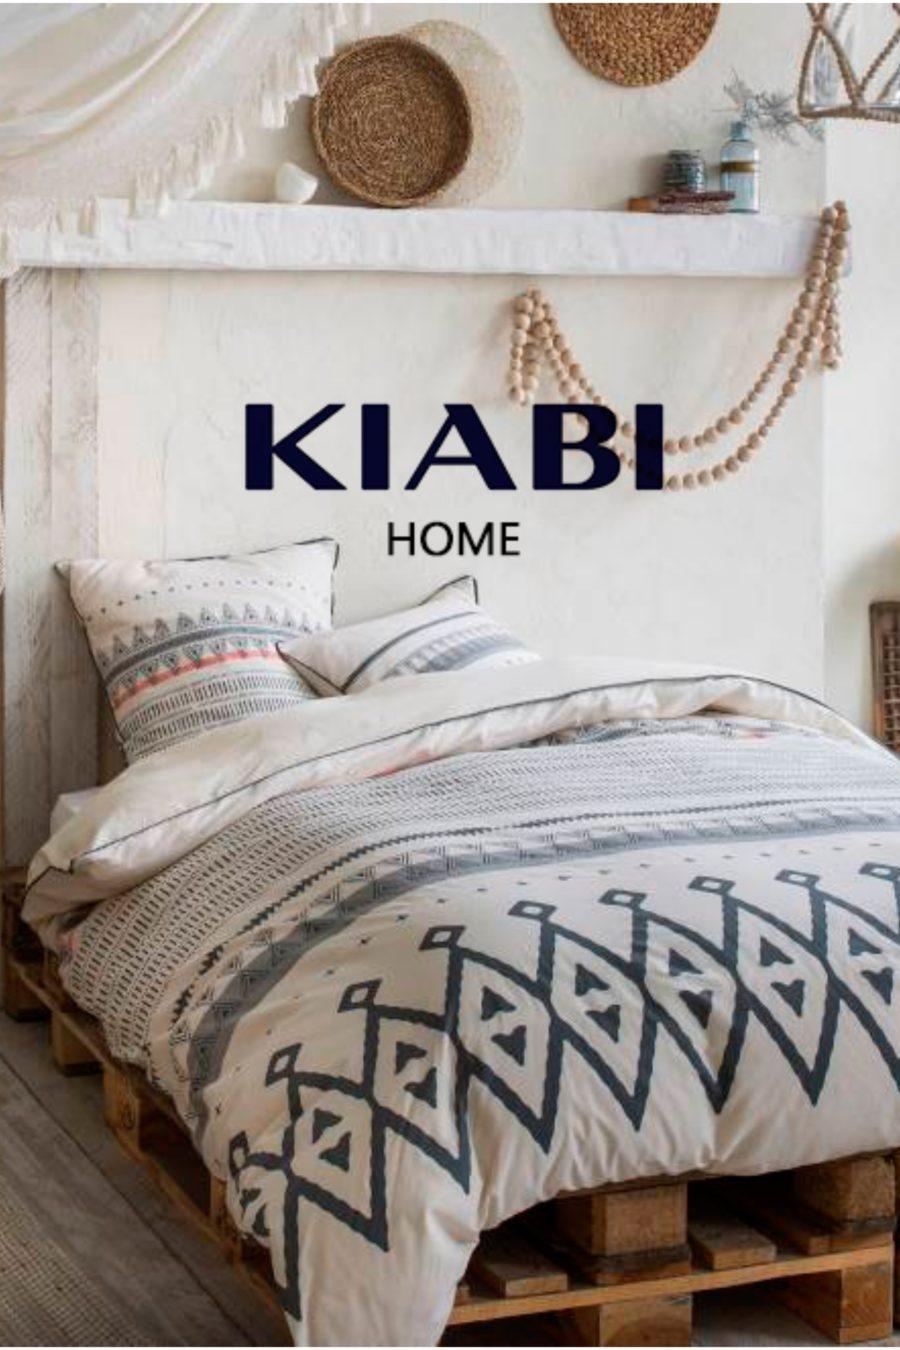 Kiabi Home